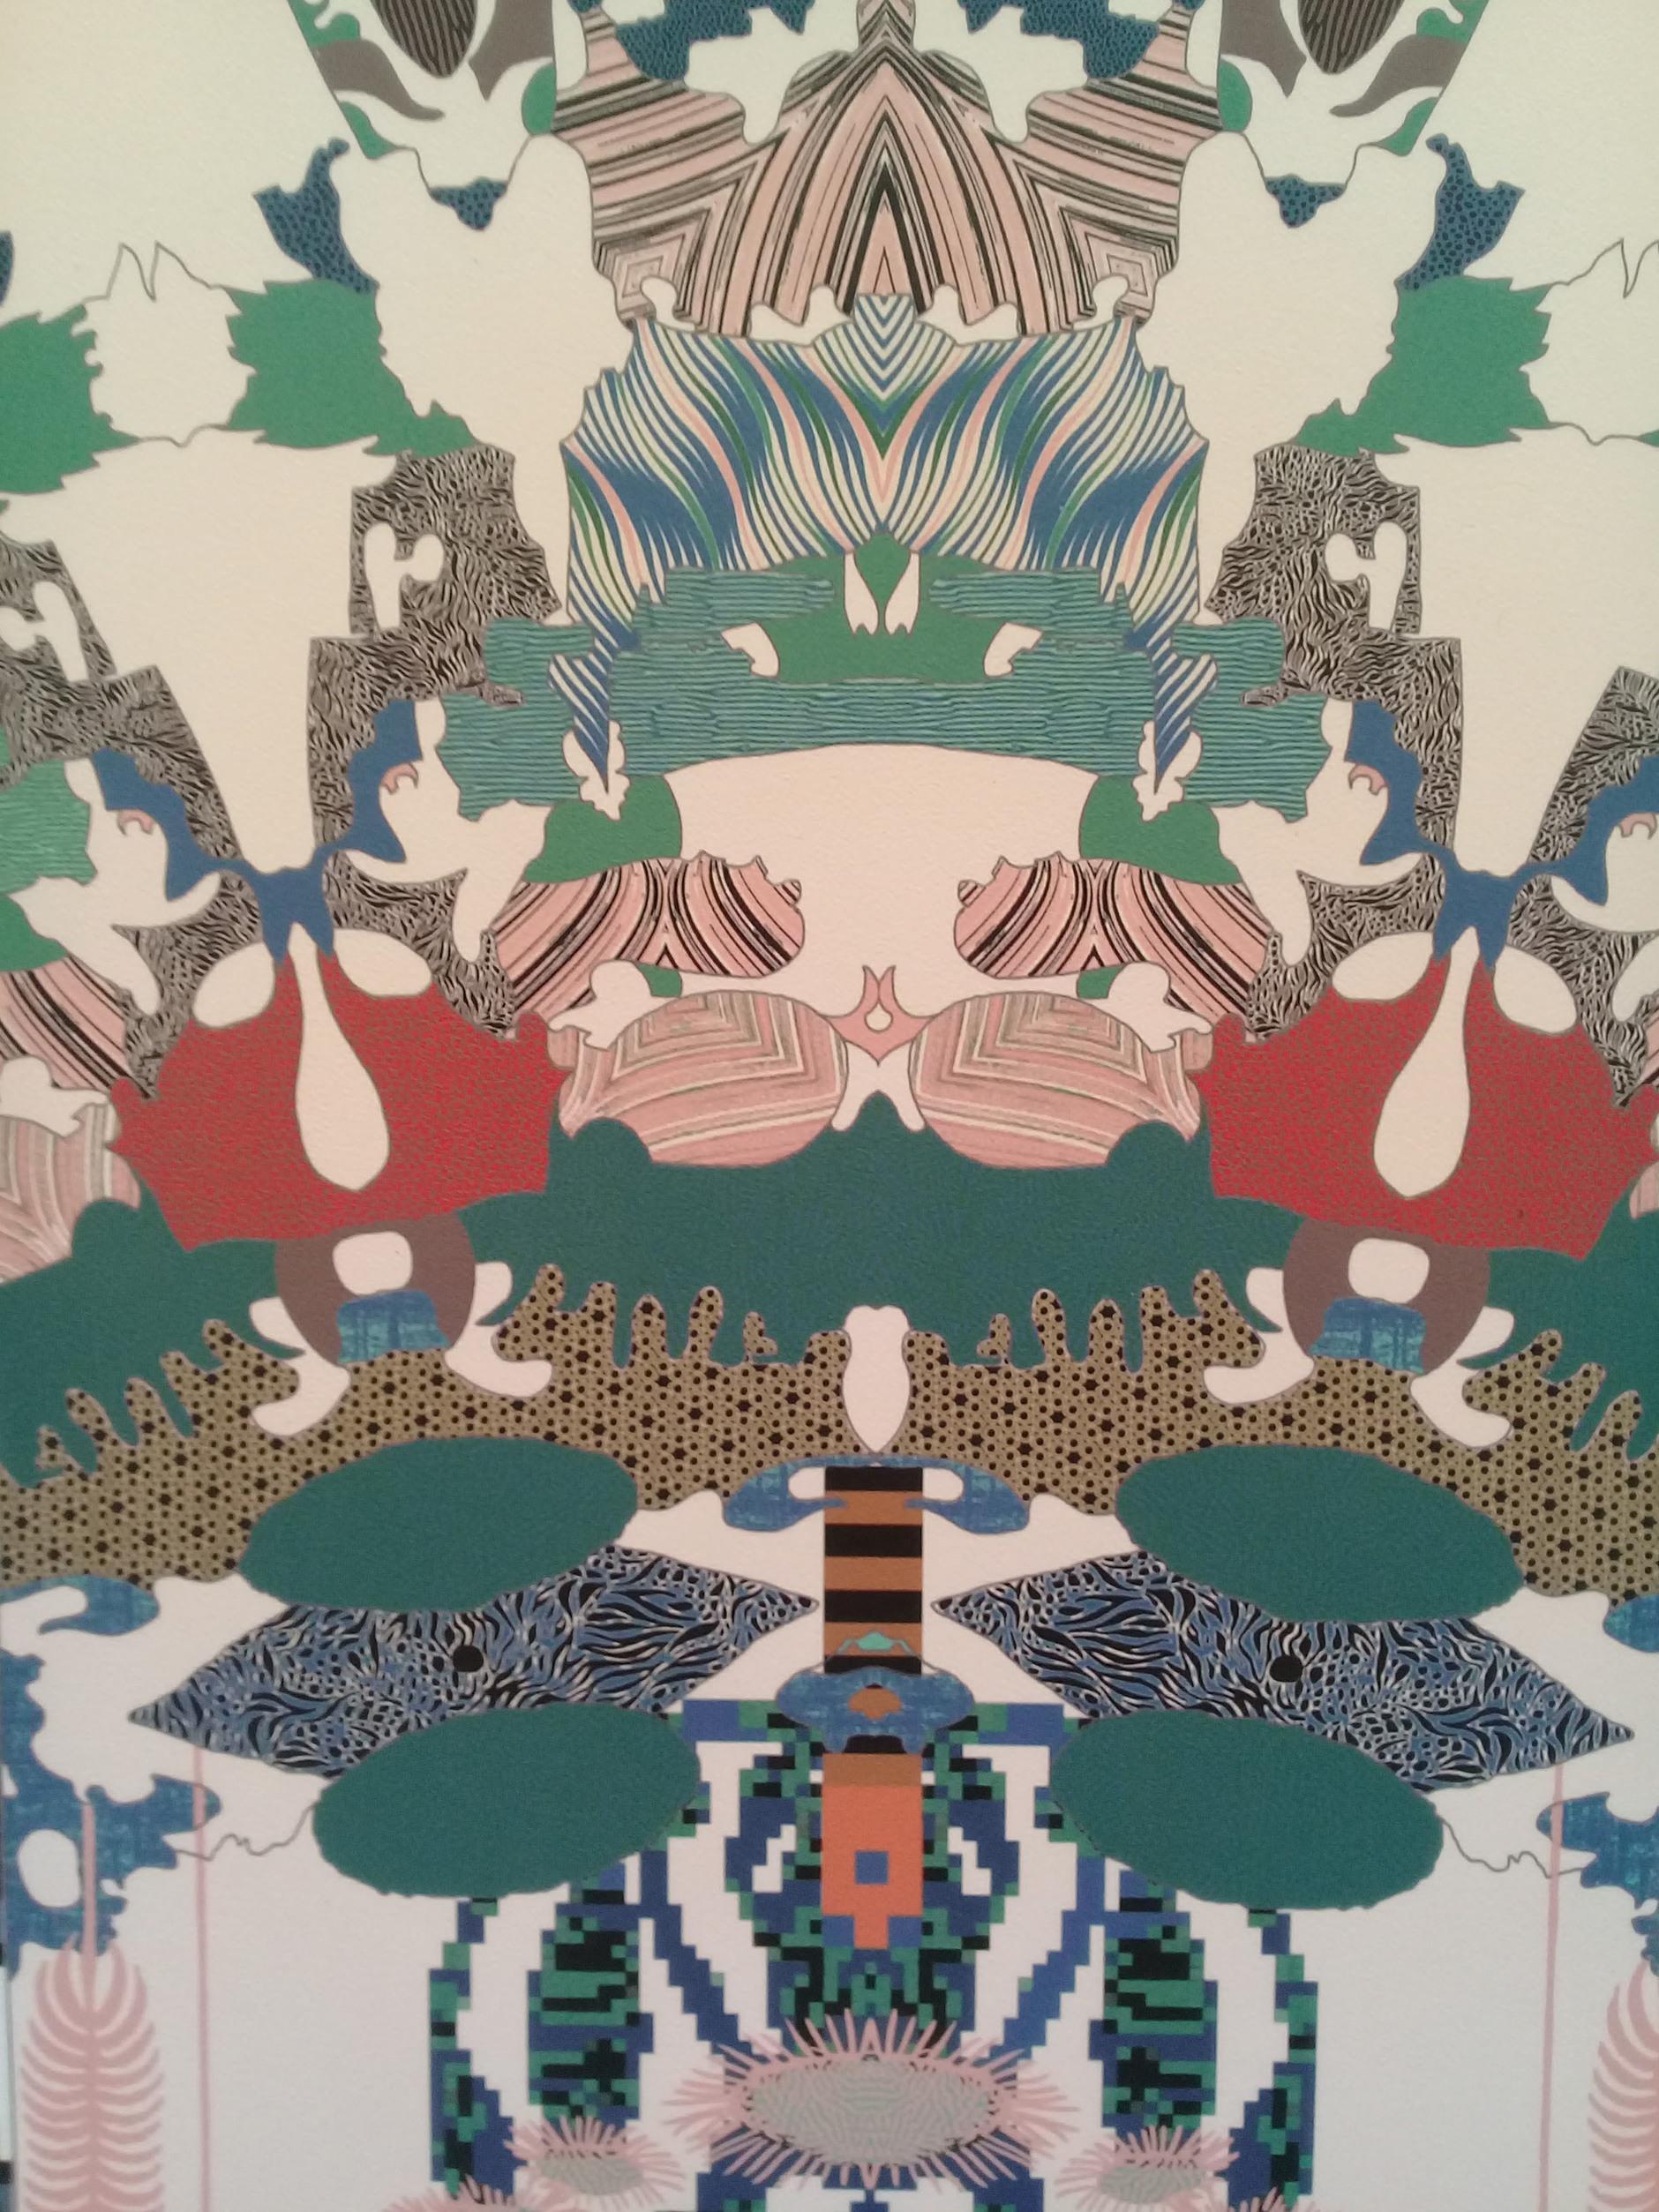 10 новинок выставки Cersaie 2018 — керамика как искусство (галерея 14, фото 2)